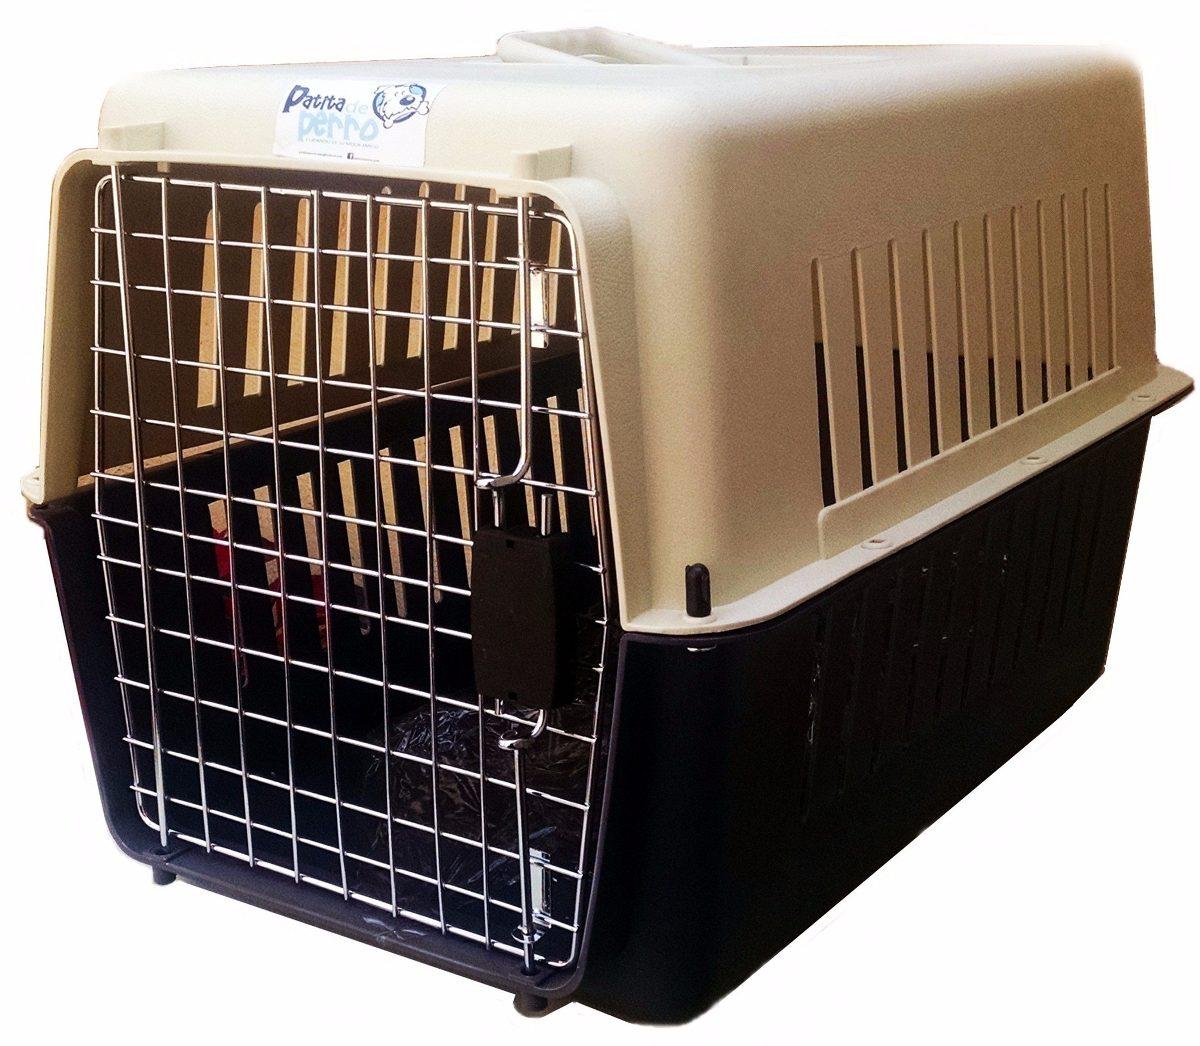 Las mascotas pueden viajar en canastillas para animales